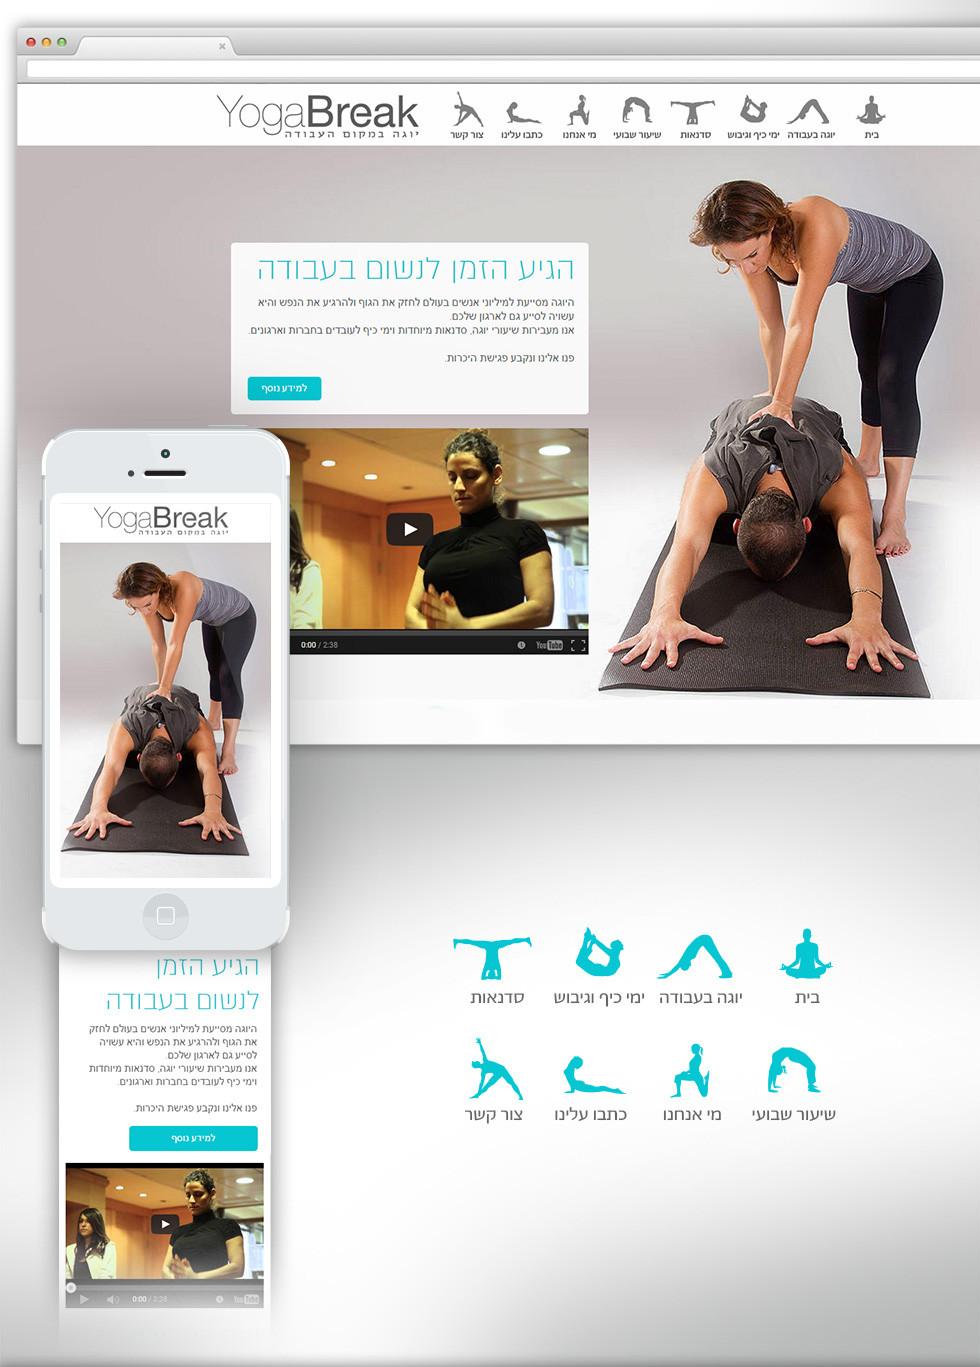 yoga-break-01.jpg